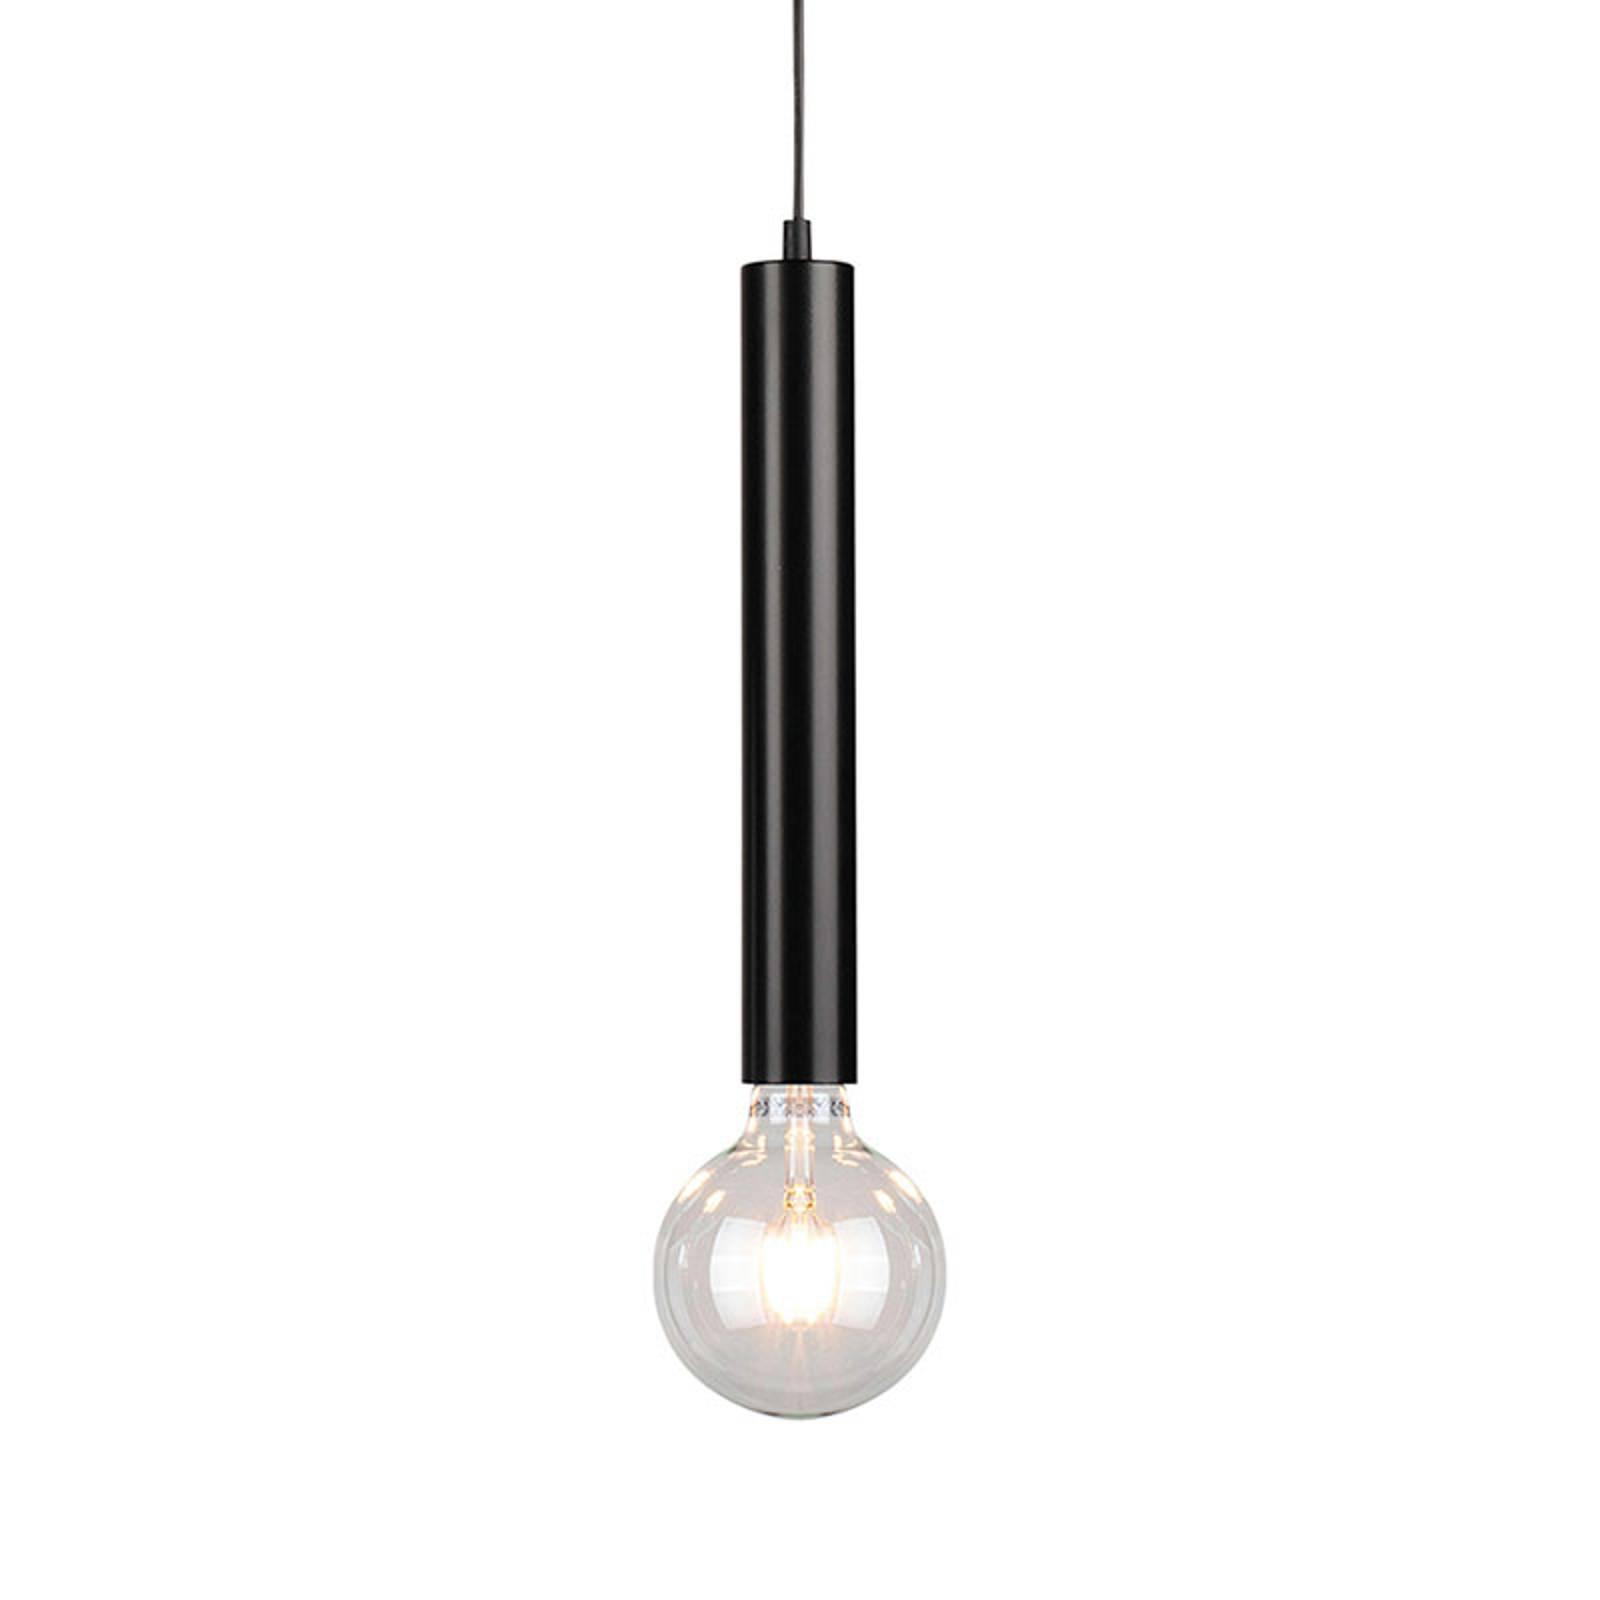 Hanglamp Lecy, zwart, 1-lamp